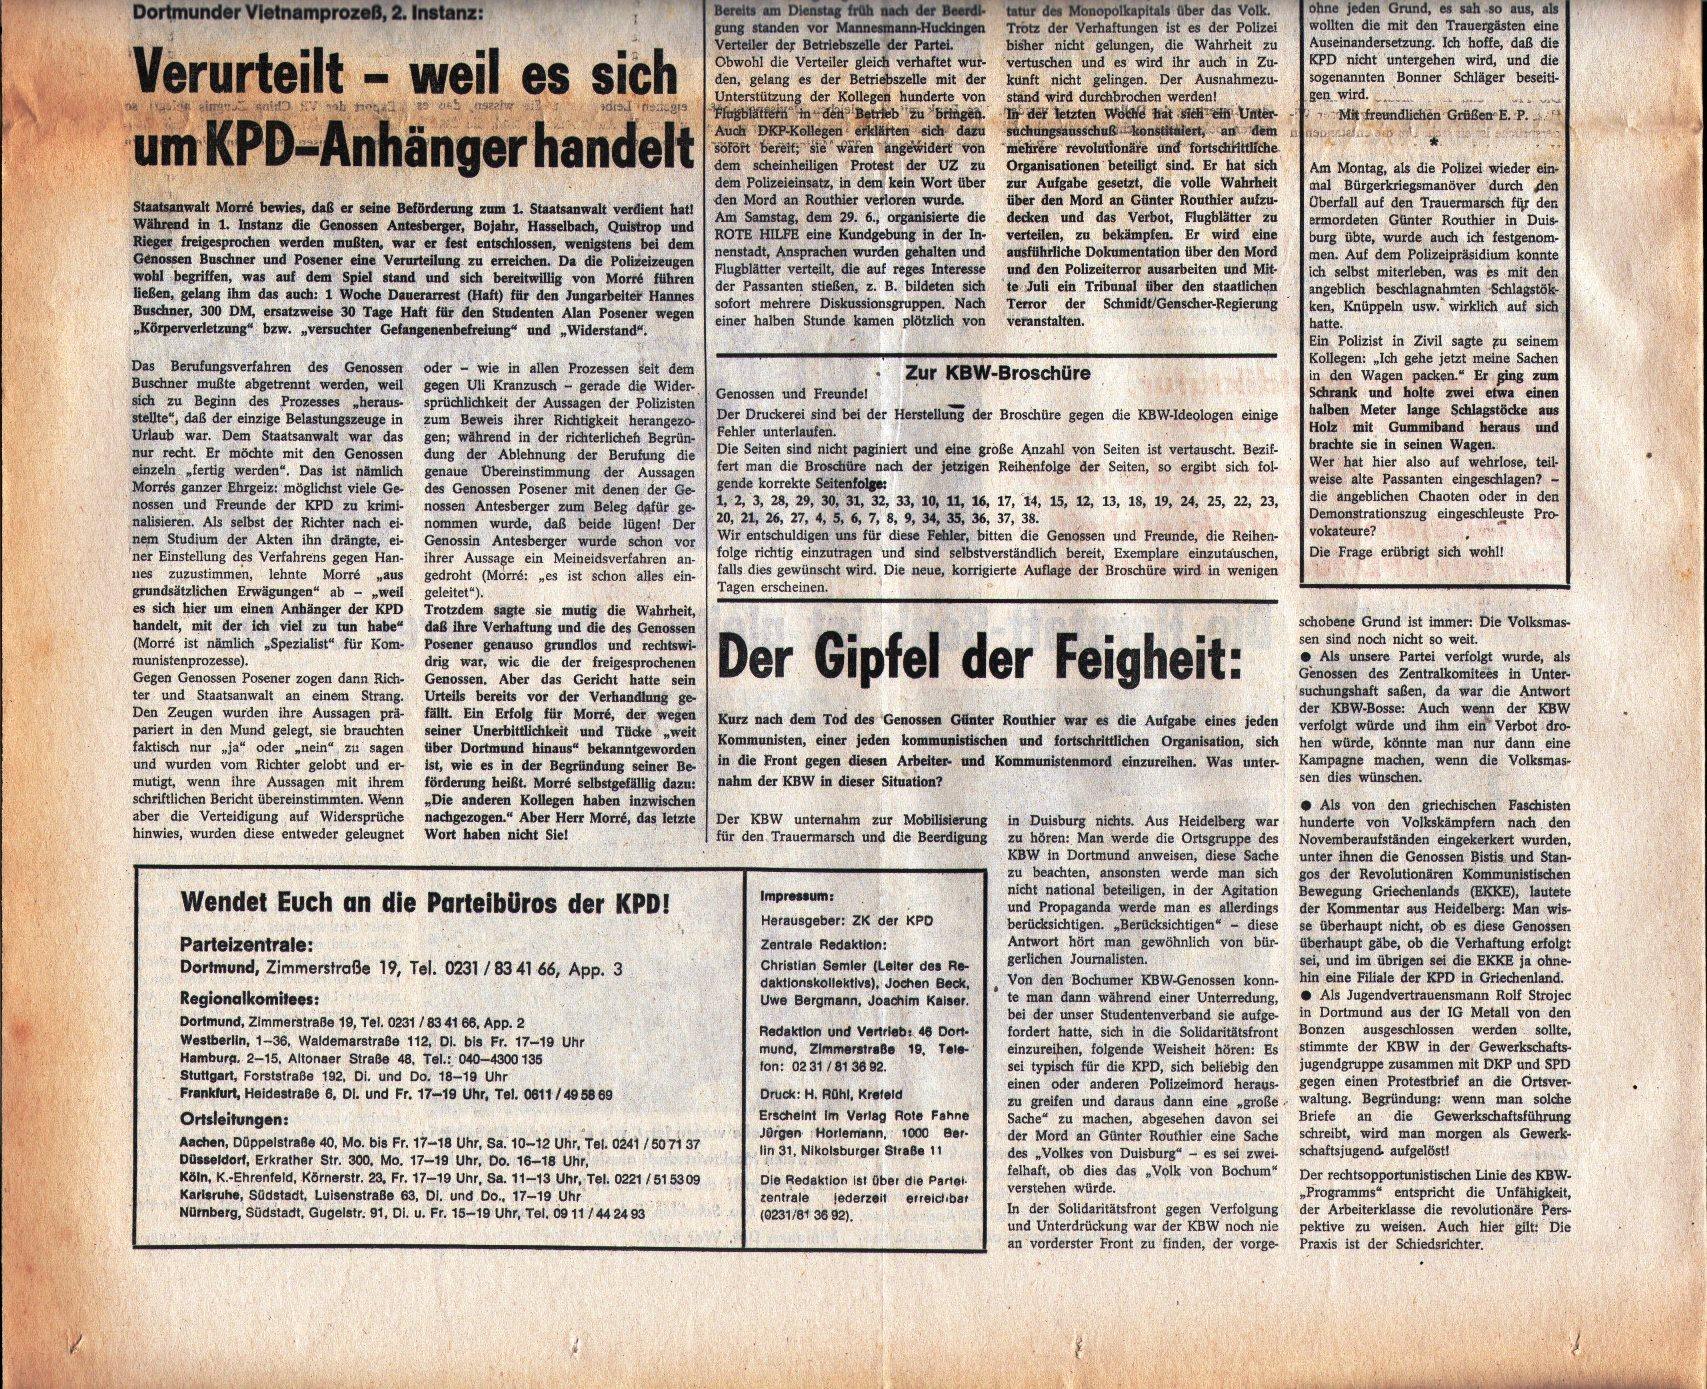 KPD_Rote_Fahne_1974_27_04